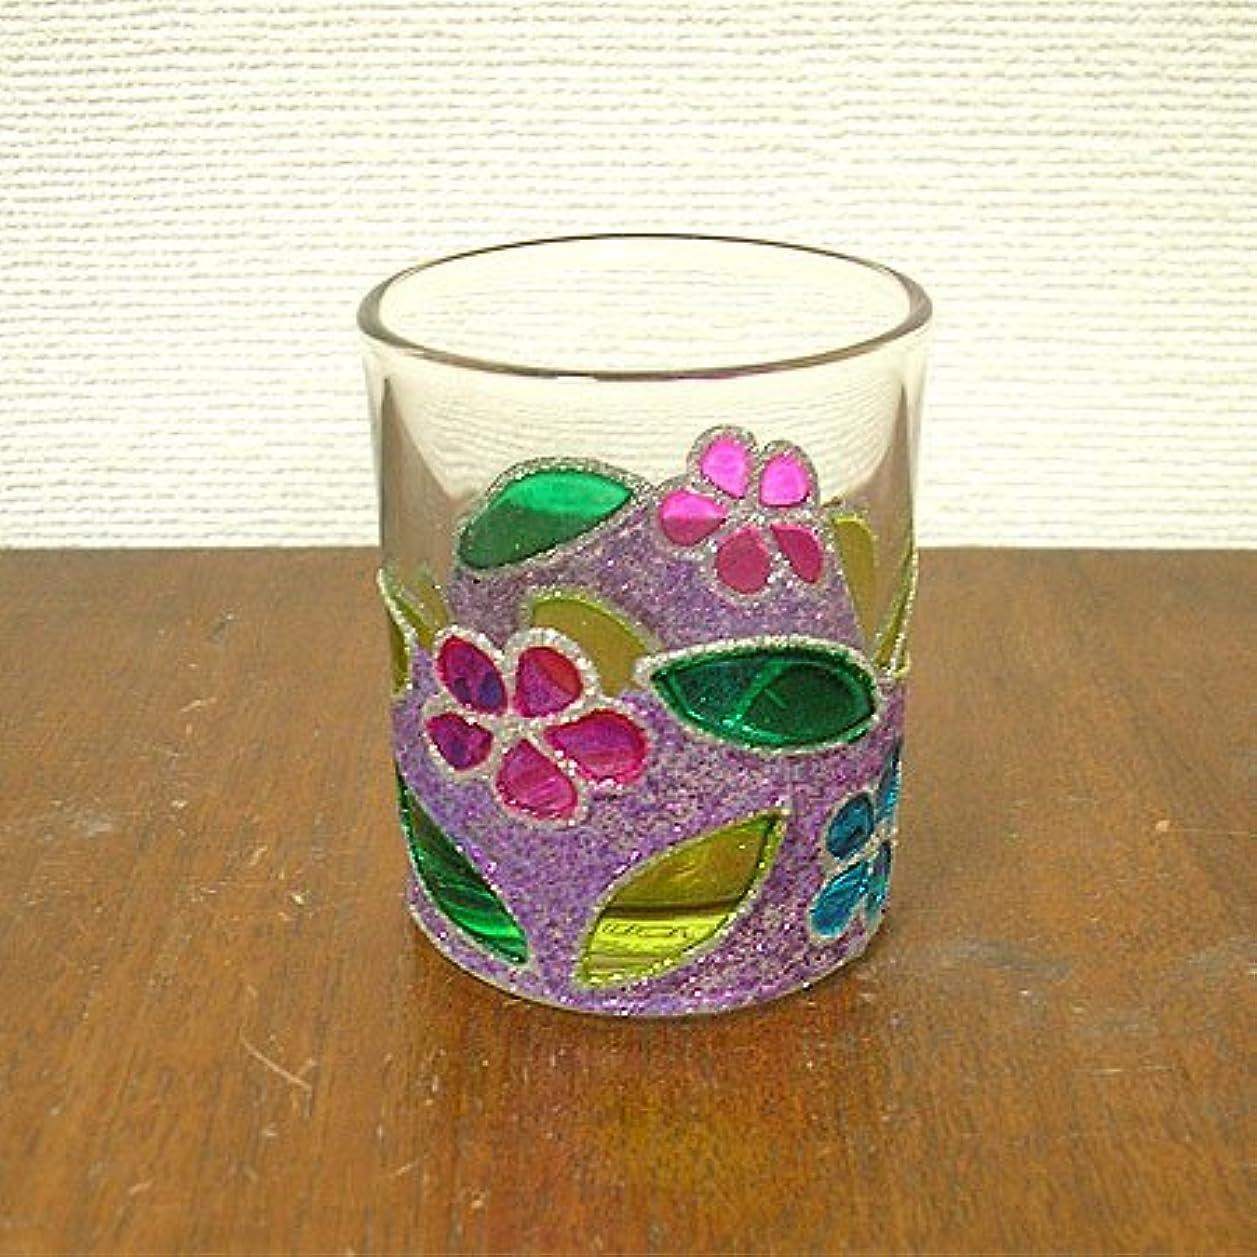 仮定ハブブパイプアジアン キャンドルホルダー カップ グラス 花柄 パープル アジアン雑貨